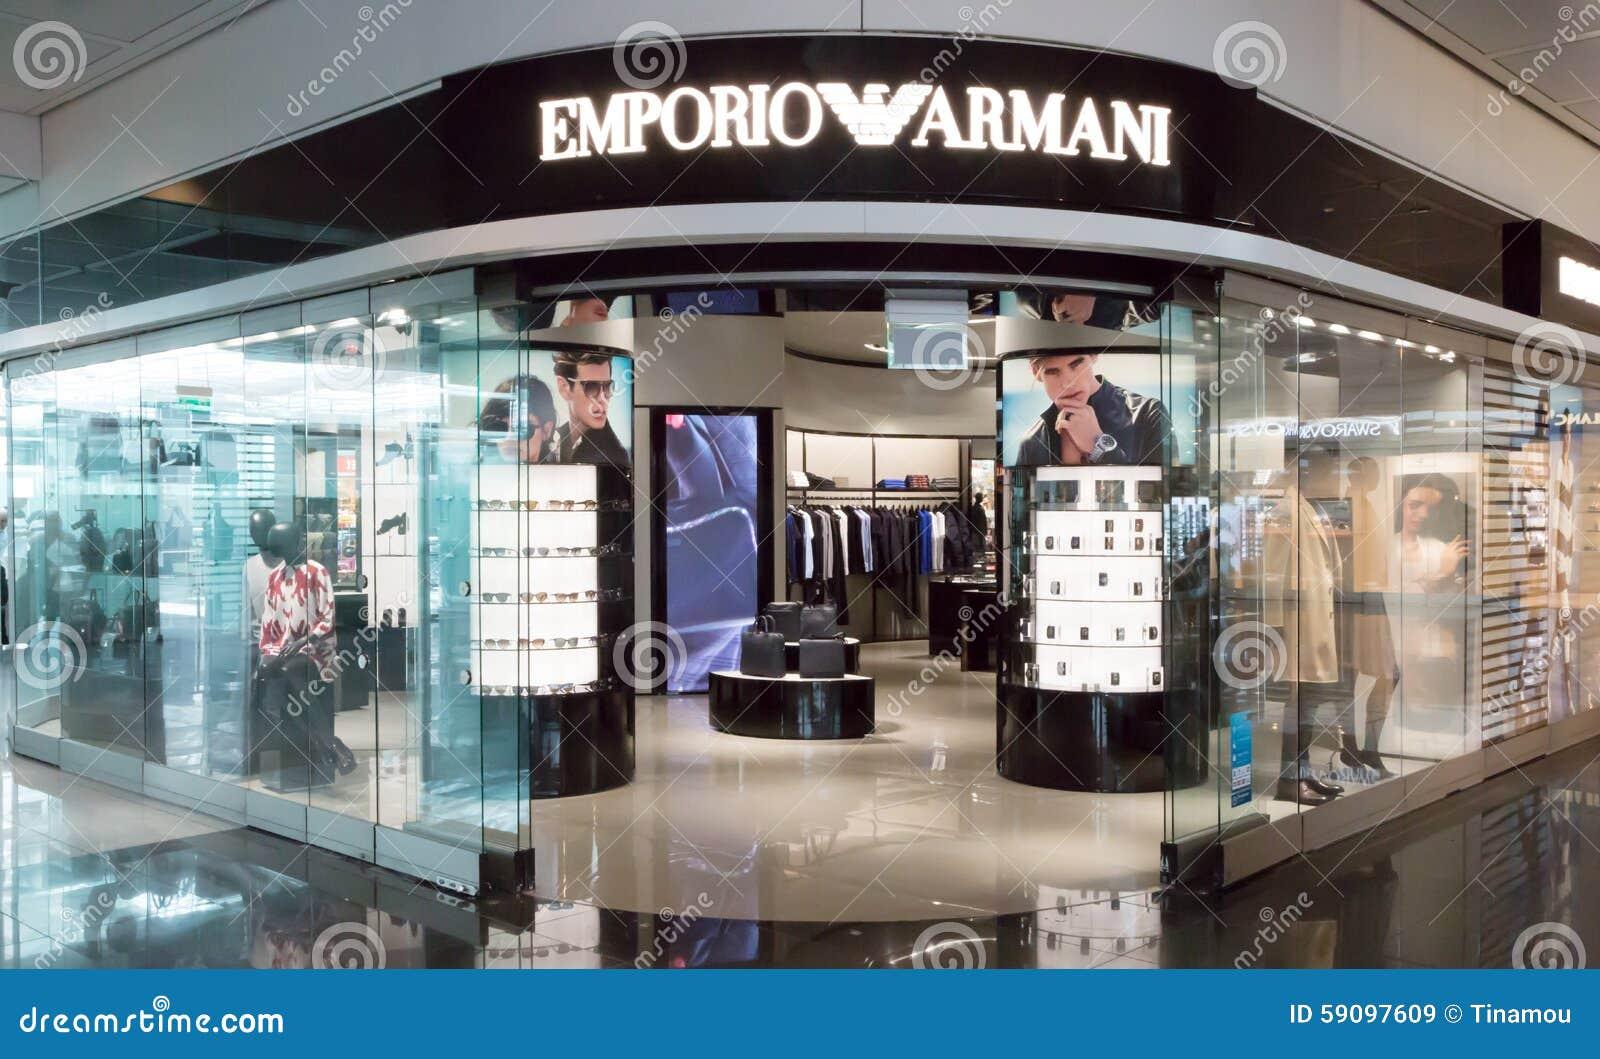 f677e0c1dc7b8 Loja De Emporio Armani No Aeroporto De Munich Imagem de Stock ...